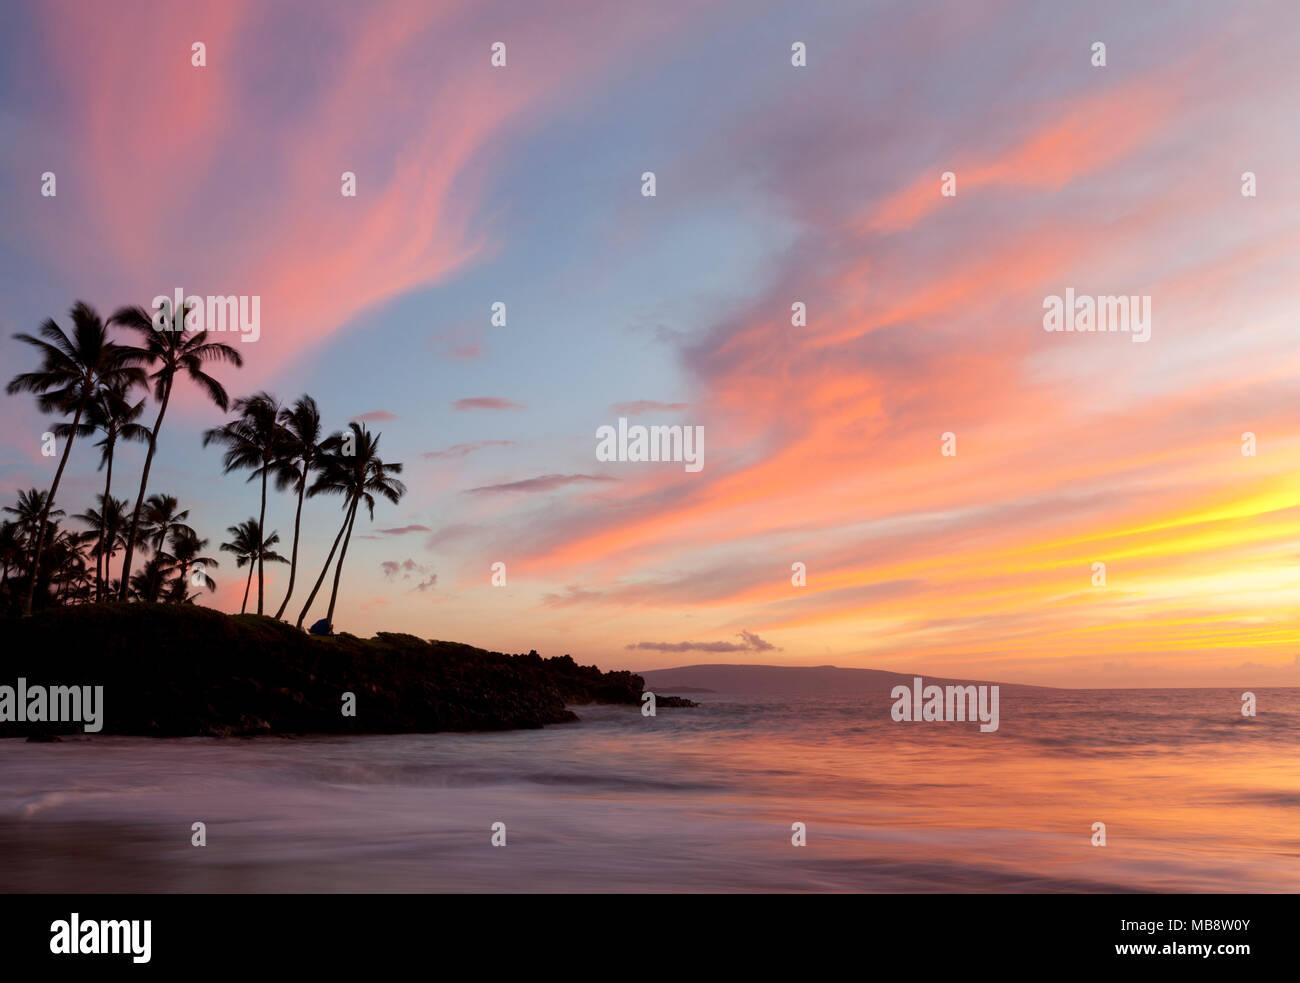 Sunset at Ulua Beach, Wailea, Maui, Hawaii. Stock Photo